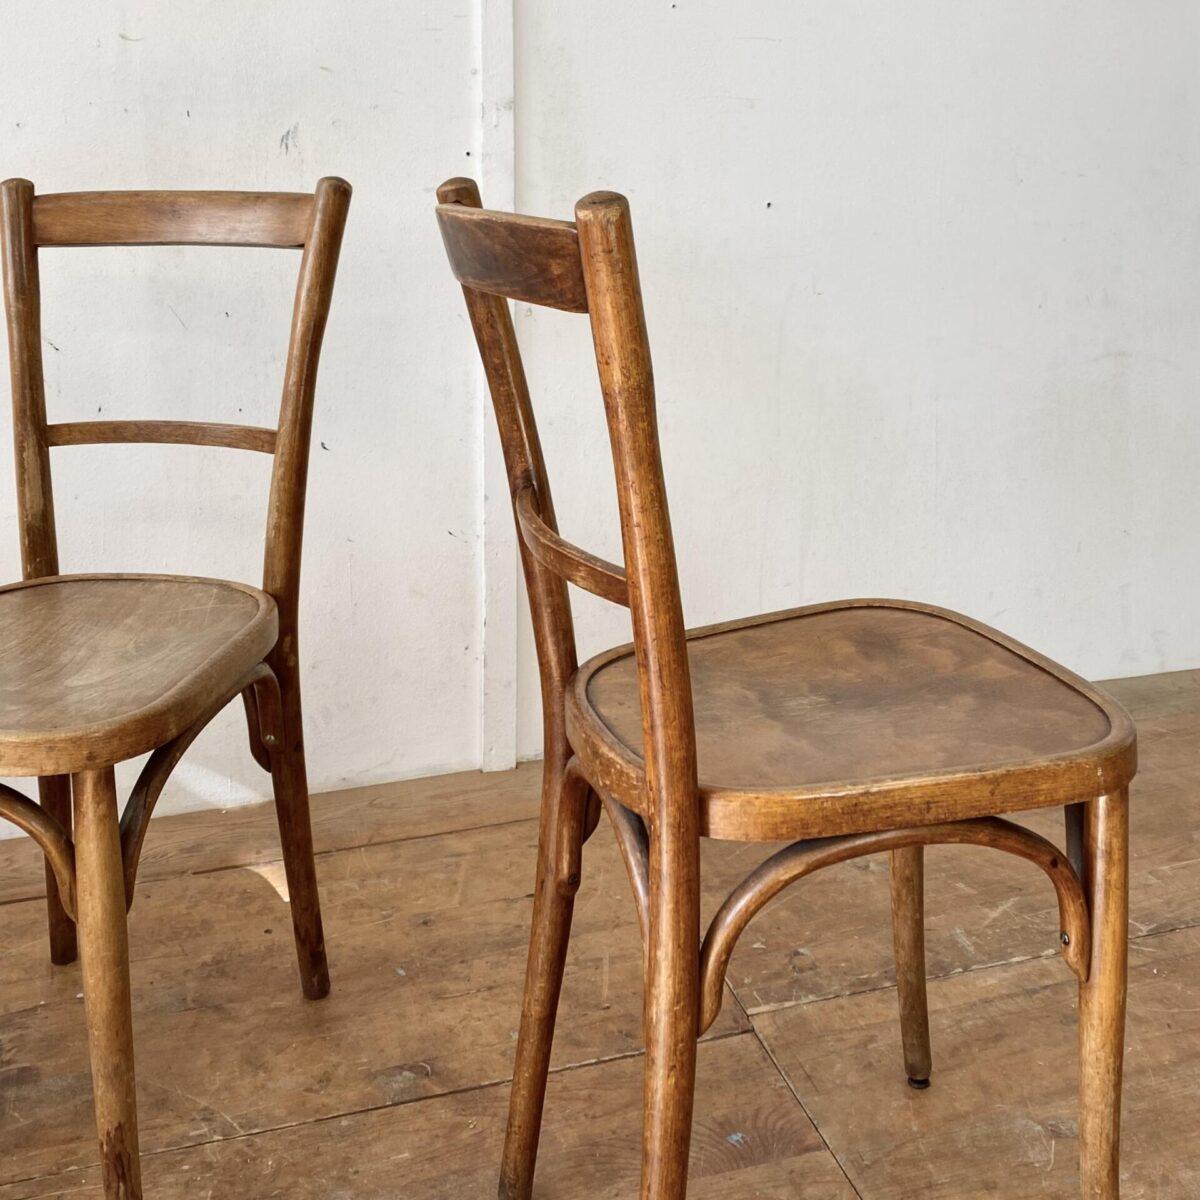 Deuxieme.shop 6er Set Bistrostühle von Horgen Glarus. Die Stühle sind etwas abgewetzt, warme dunkelbraune Alterspatina. Technisch in stabilem Zustand.